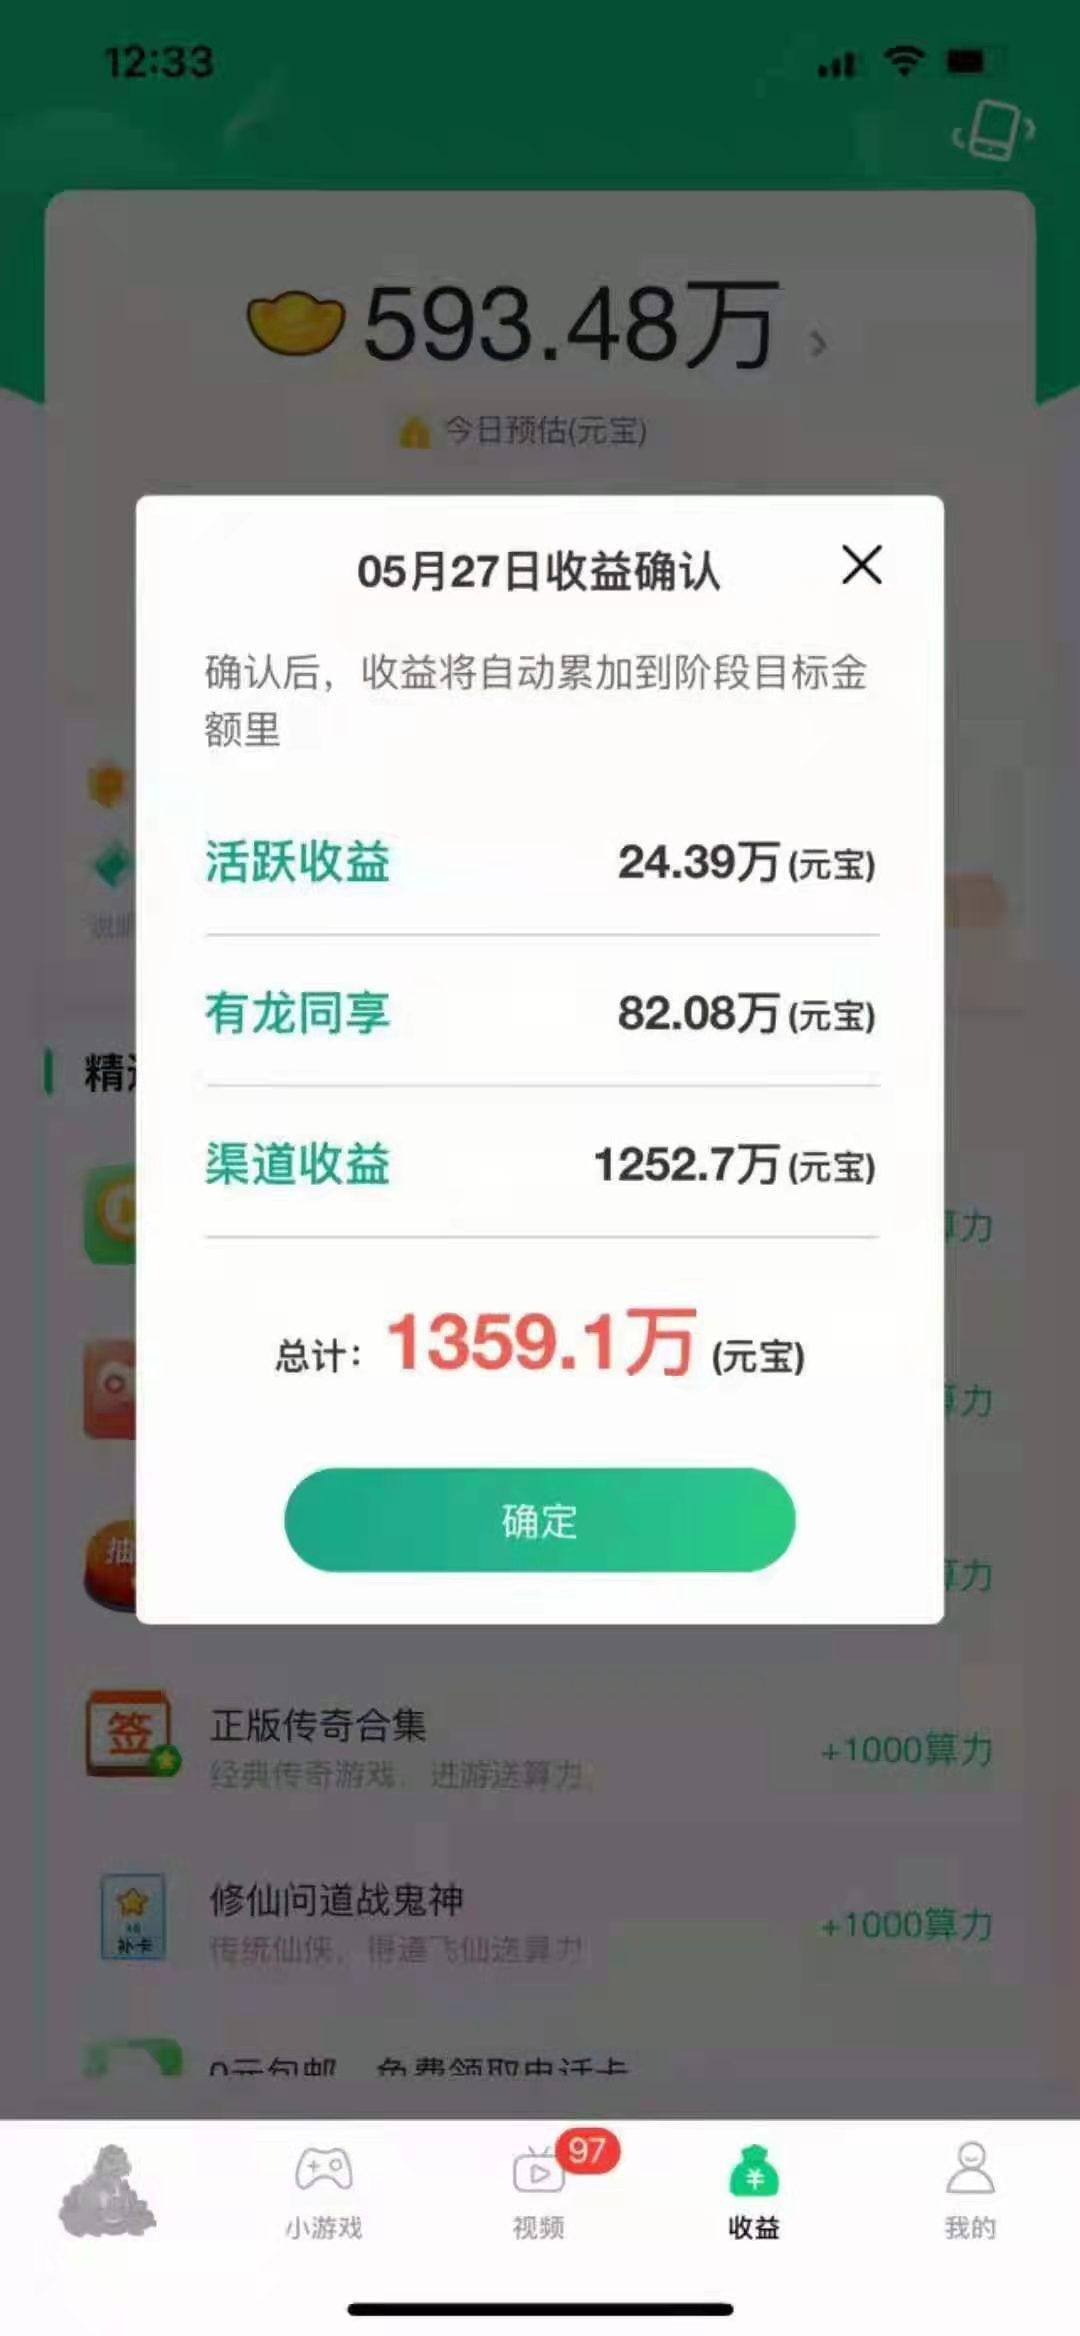 【实操项目】手机全自动挂机赚钱项目,单个手机每天50+